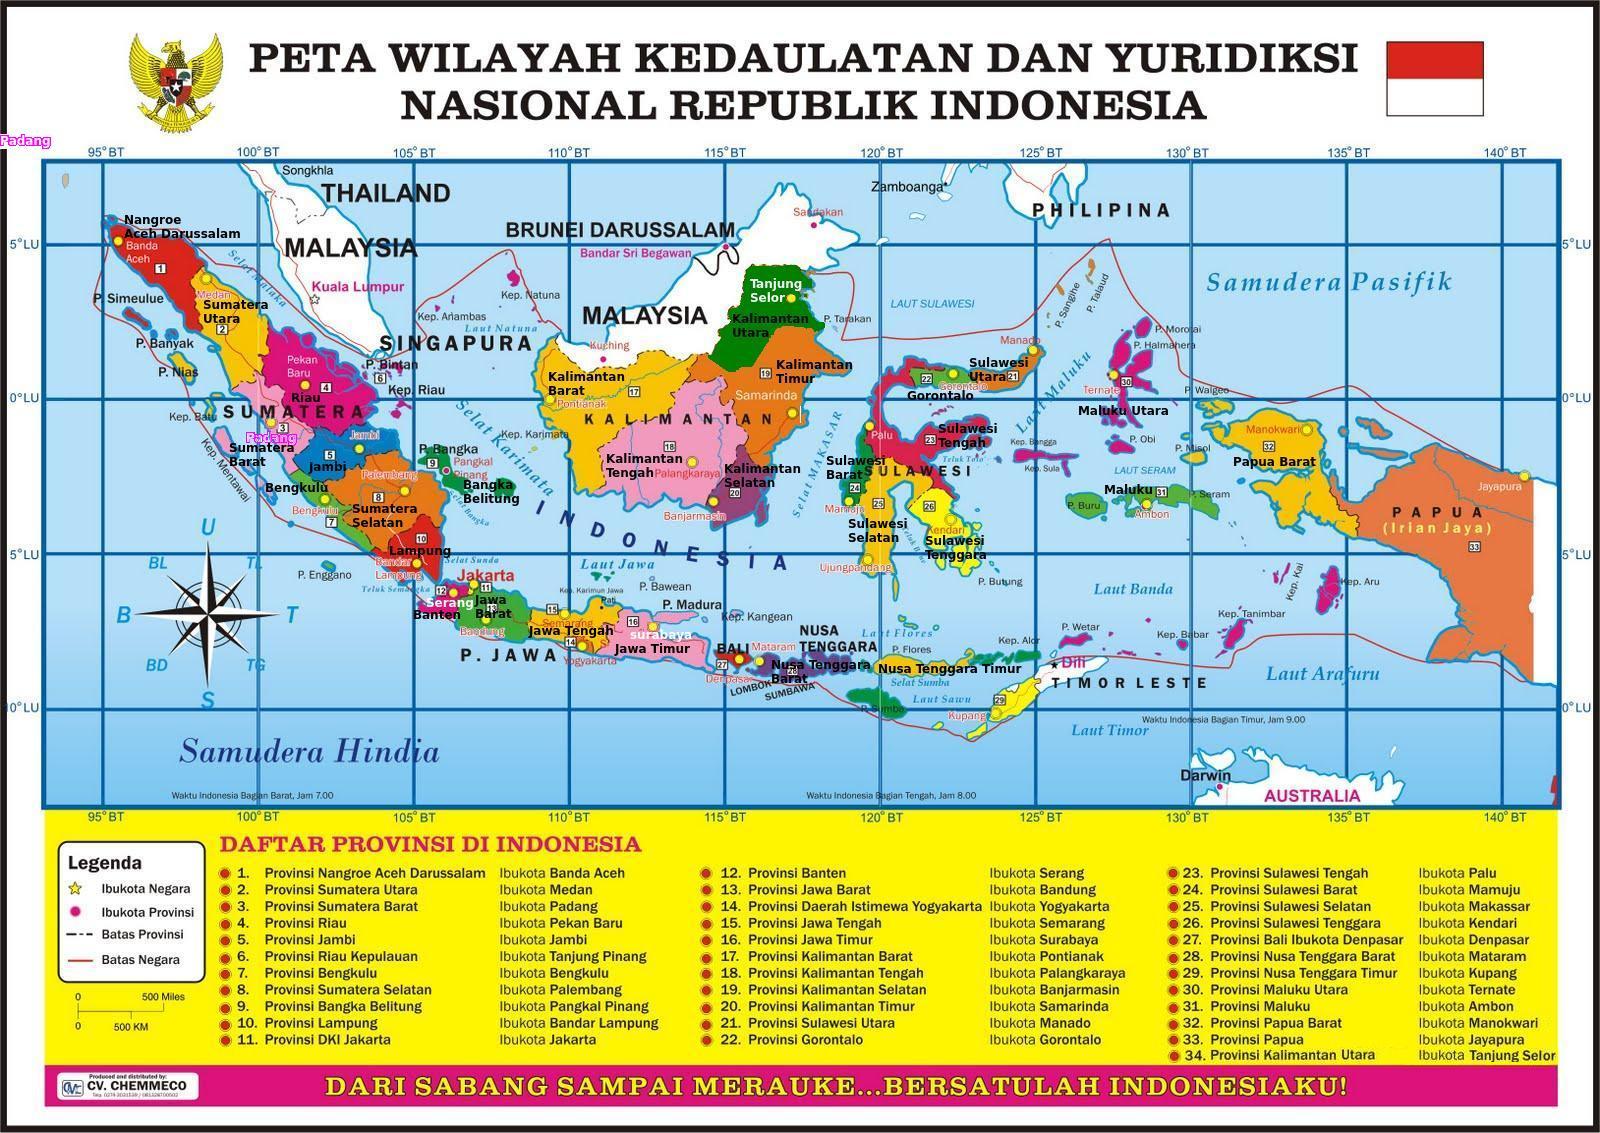 Daftar 43 Provinsi di Indonesia